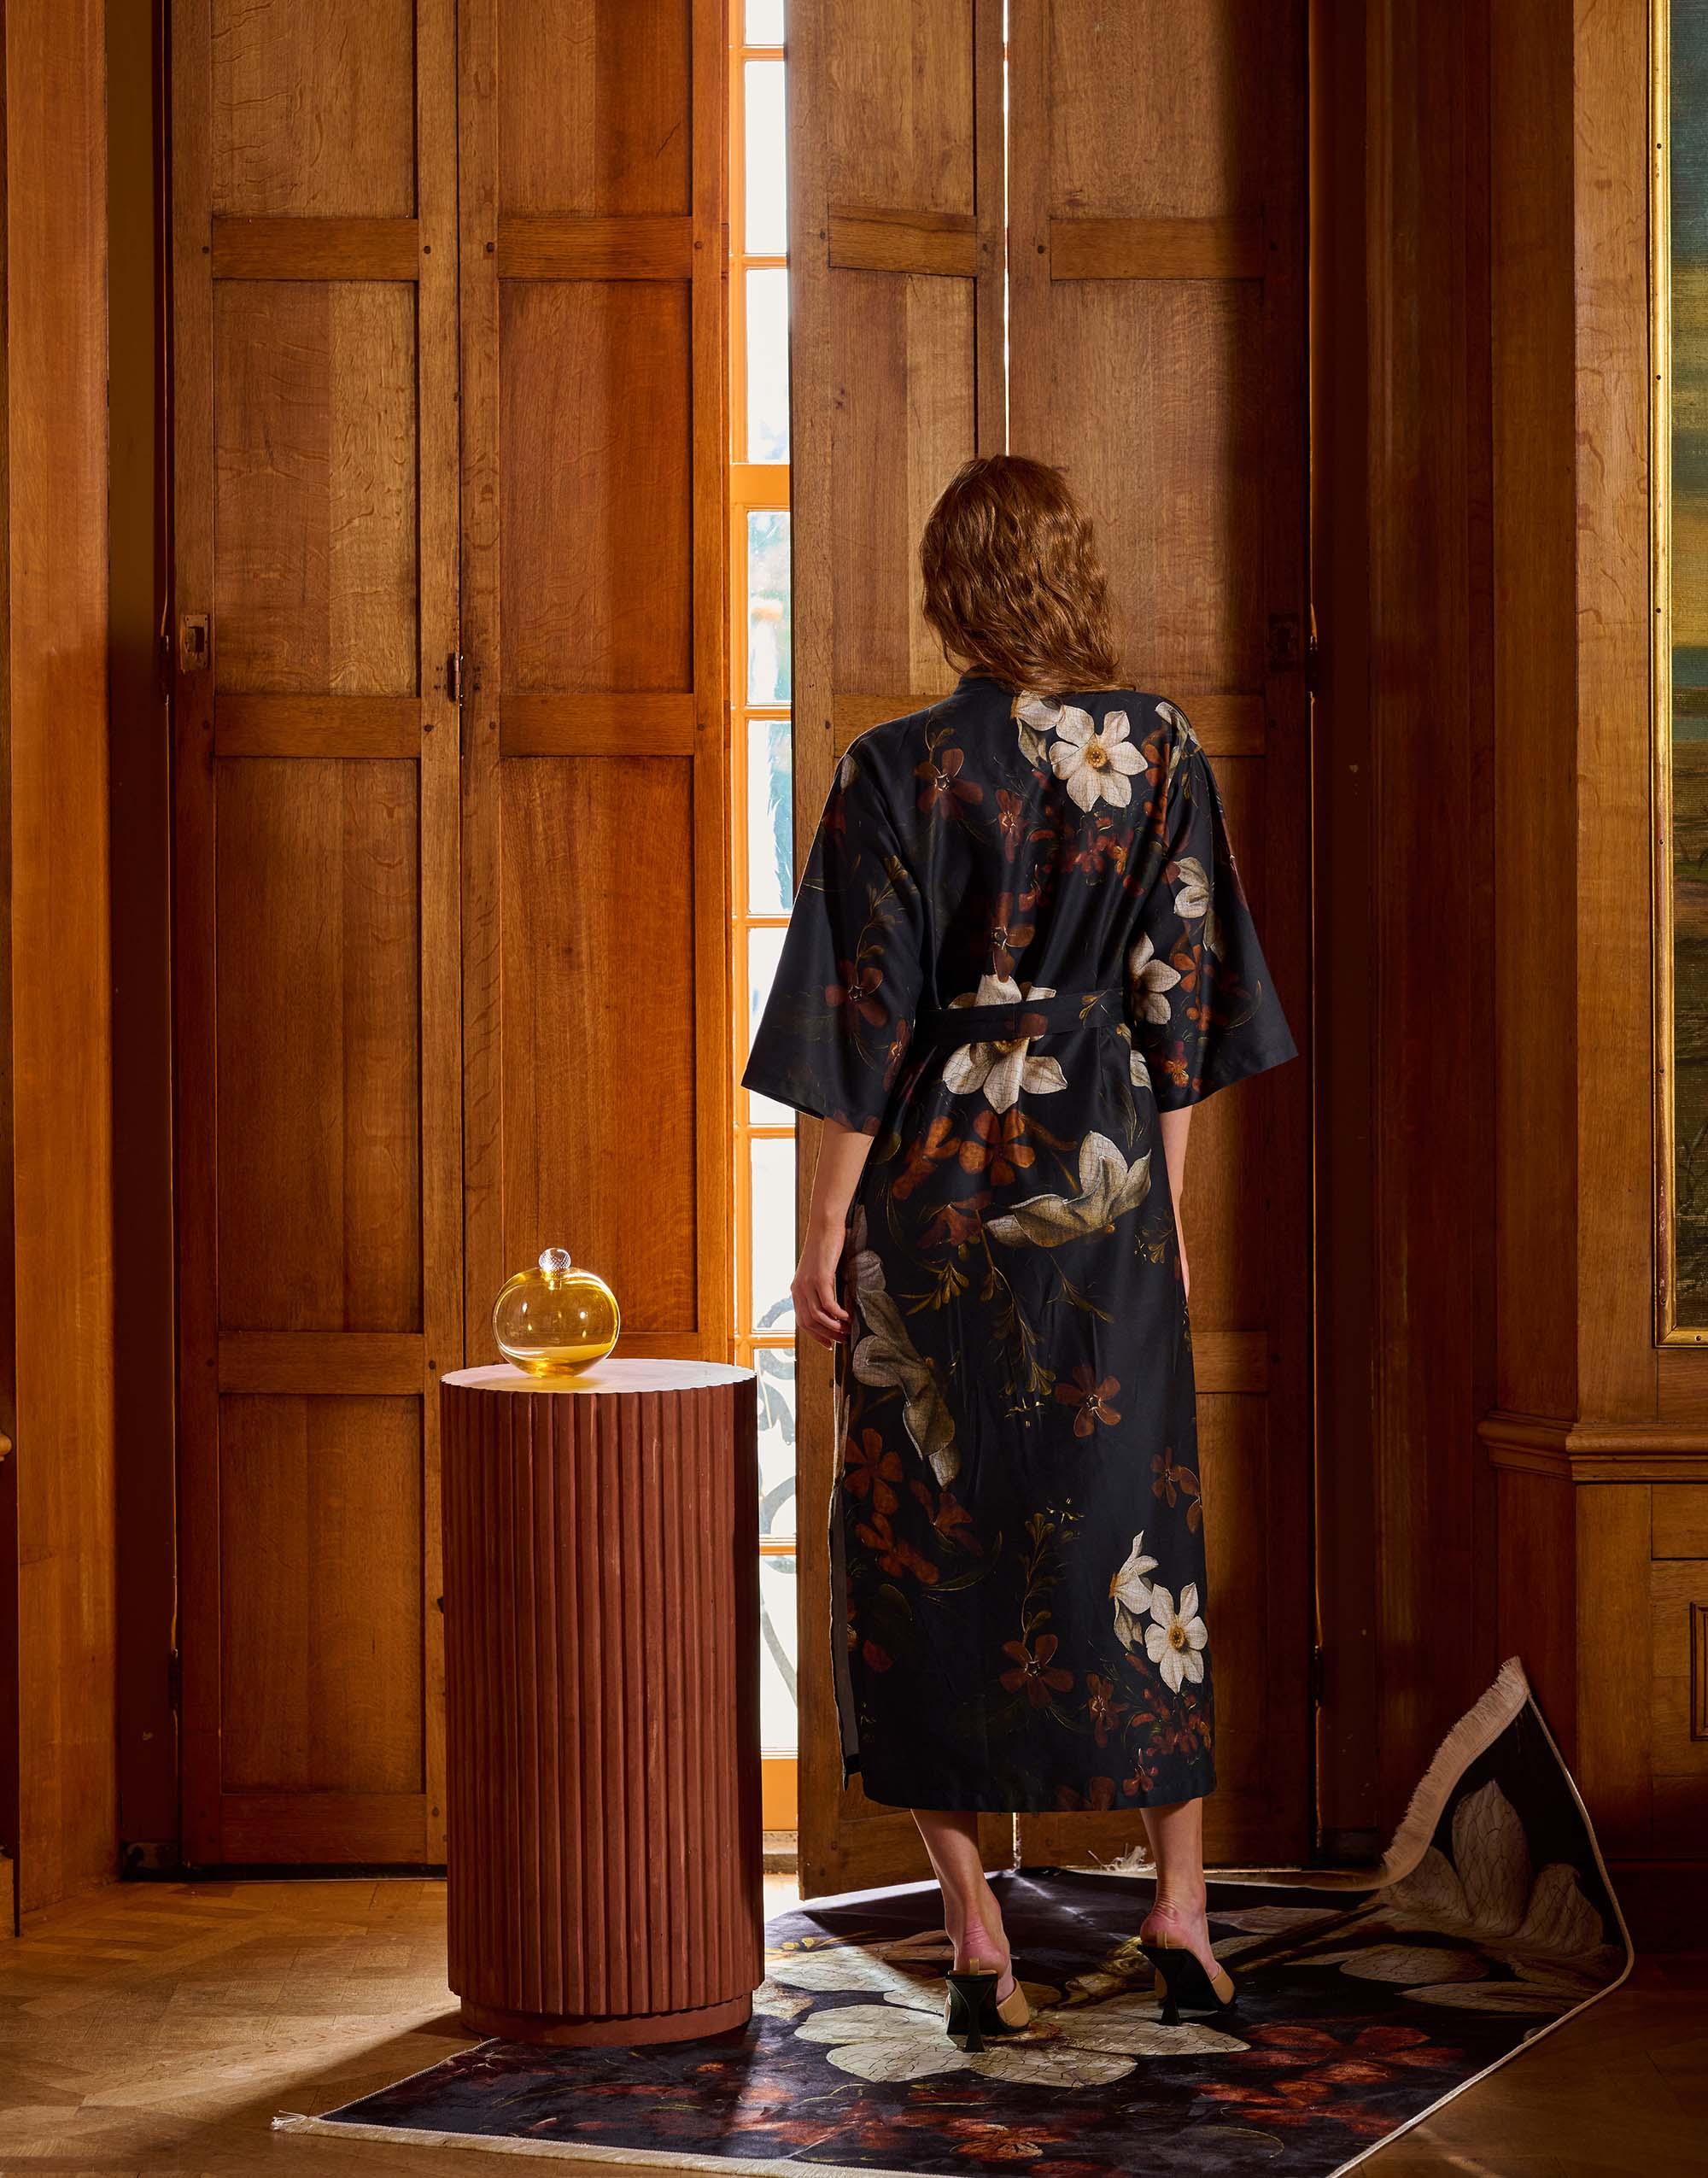 Elegant kimonos